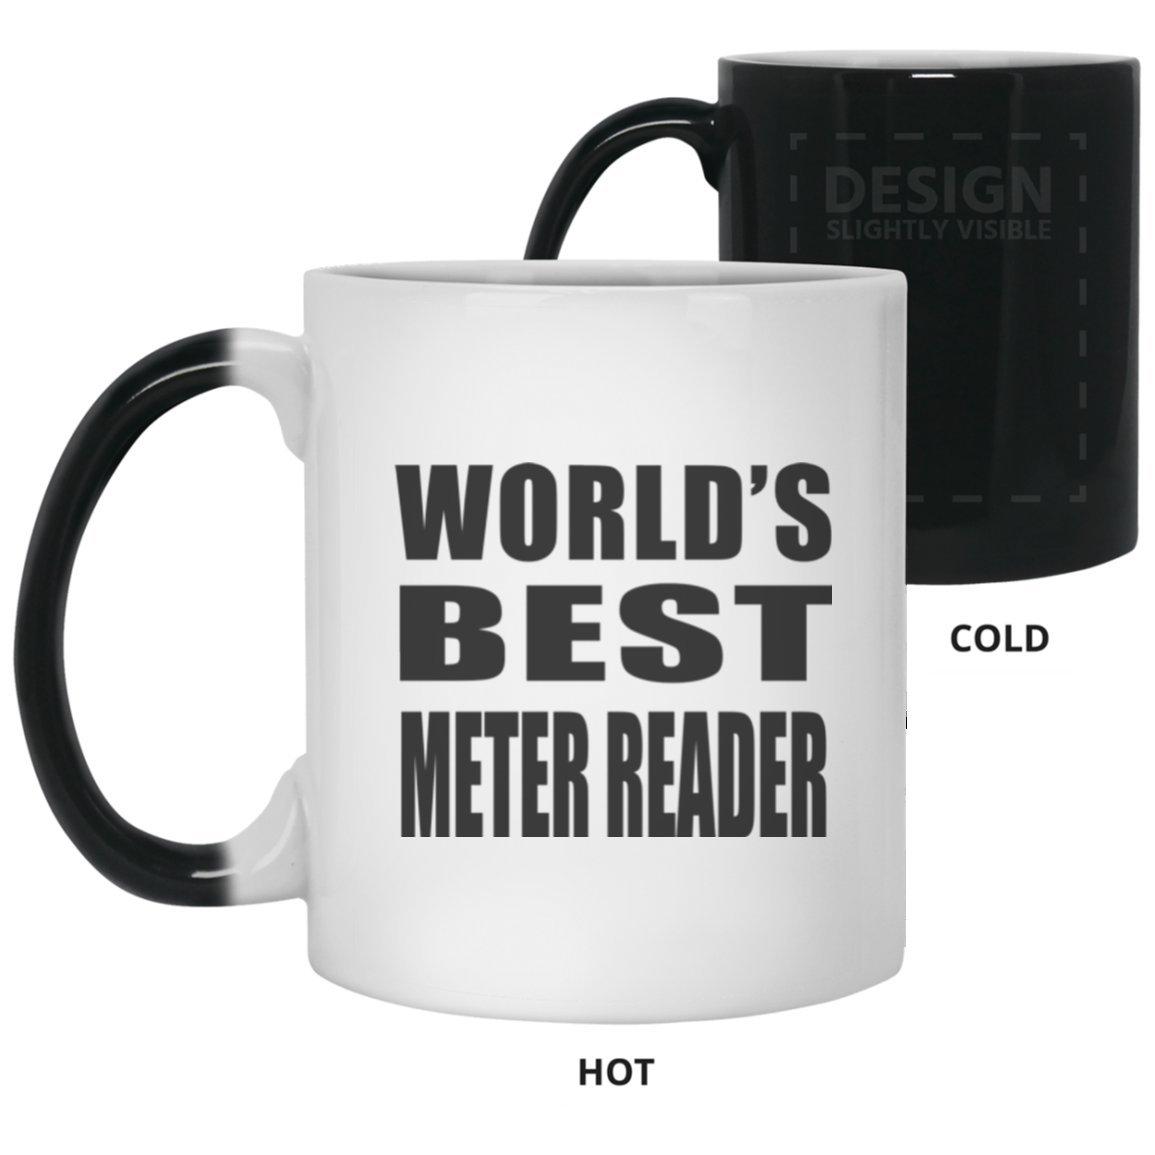 世界最高のメーターリーダー – 11 ozカラーChanging Mug、熱Sensitiveカップ、最高のギフト家族、友人、誕生日、結婚記念日、休日、母の/父の日 B07DH6MKWR